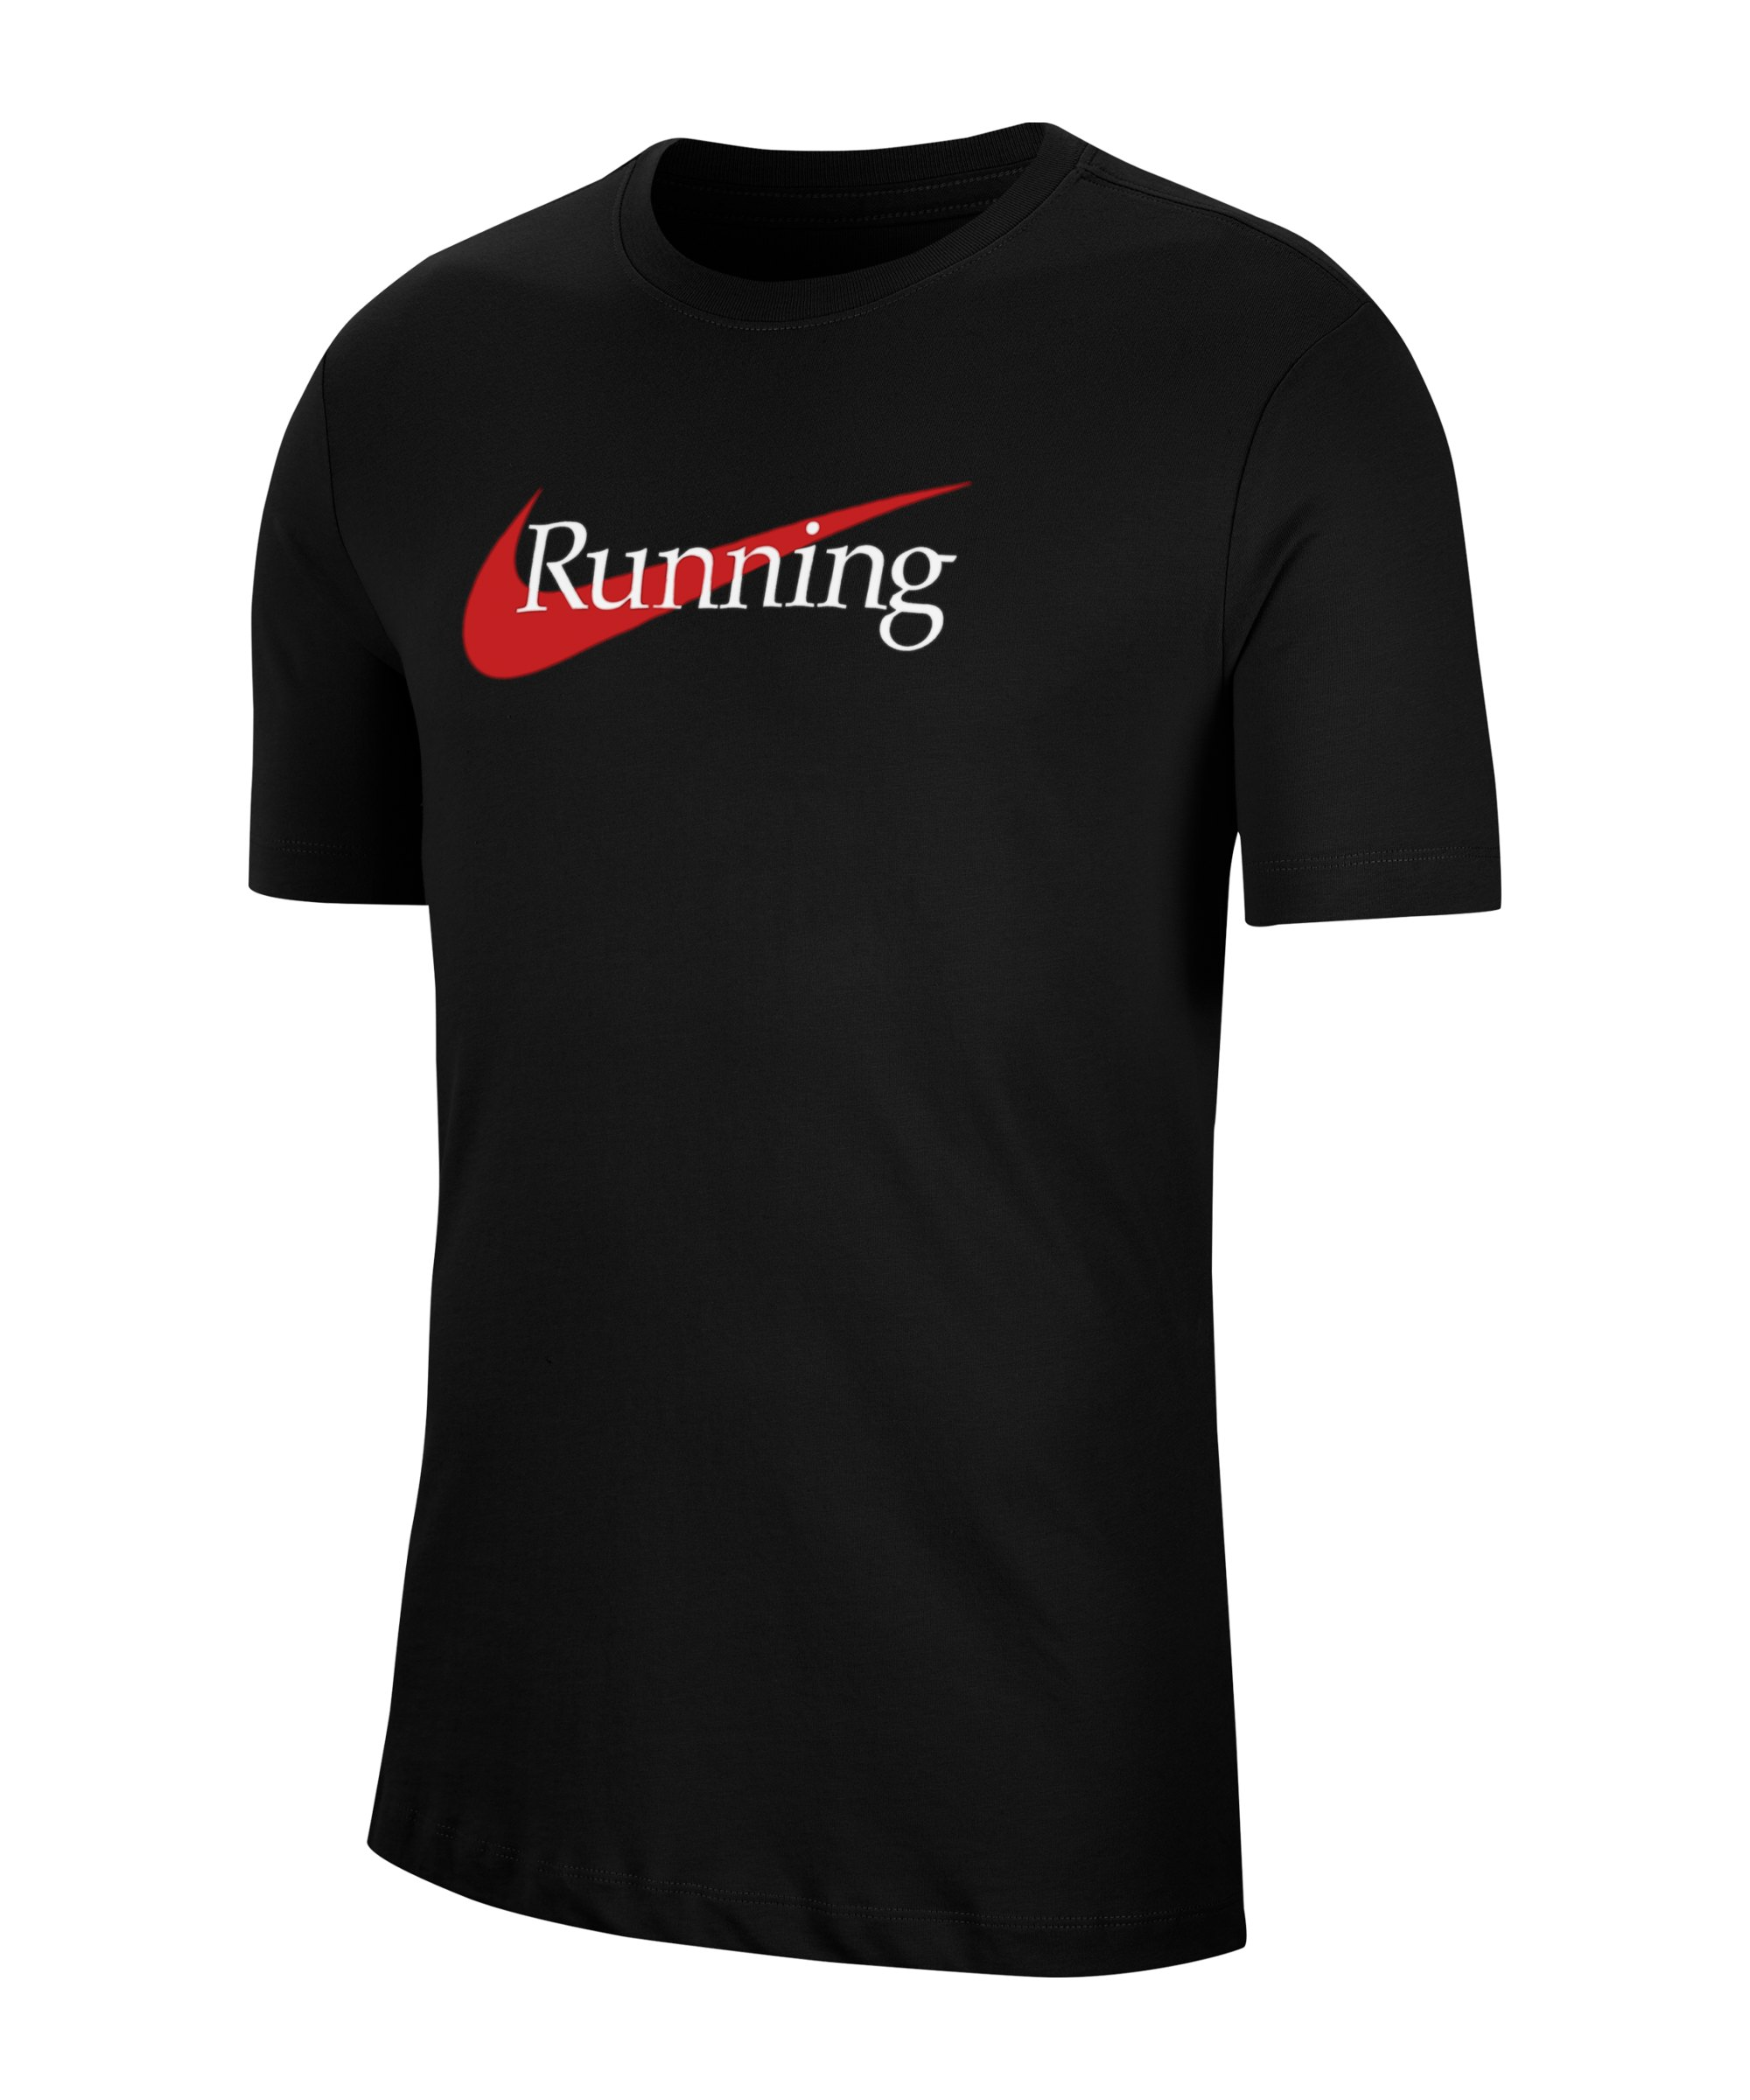 Nike HBR T-Shirt Running Schwarz F010 - schwarz